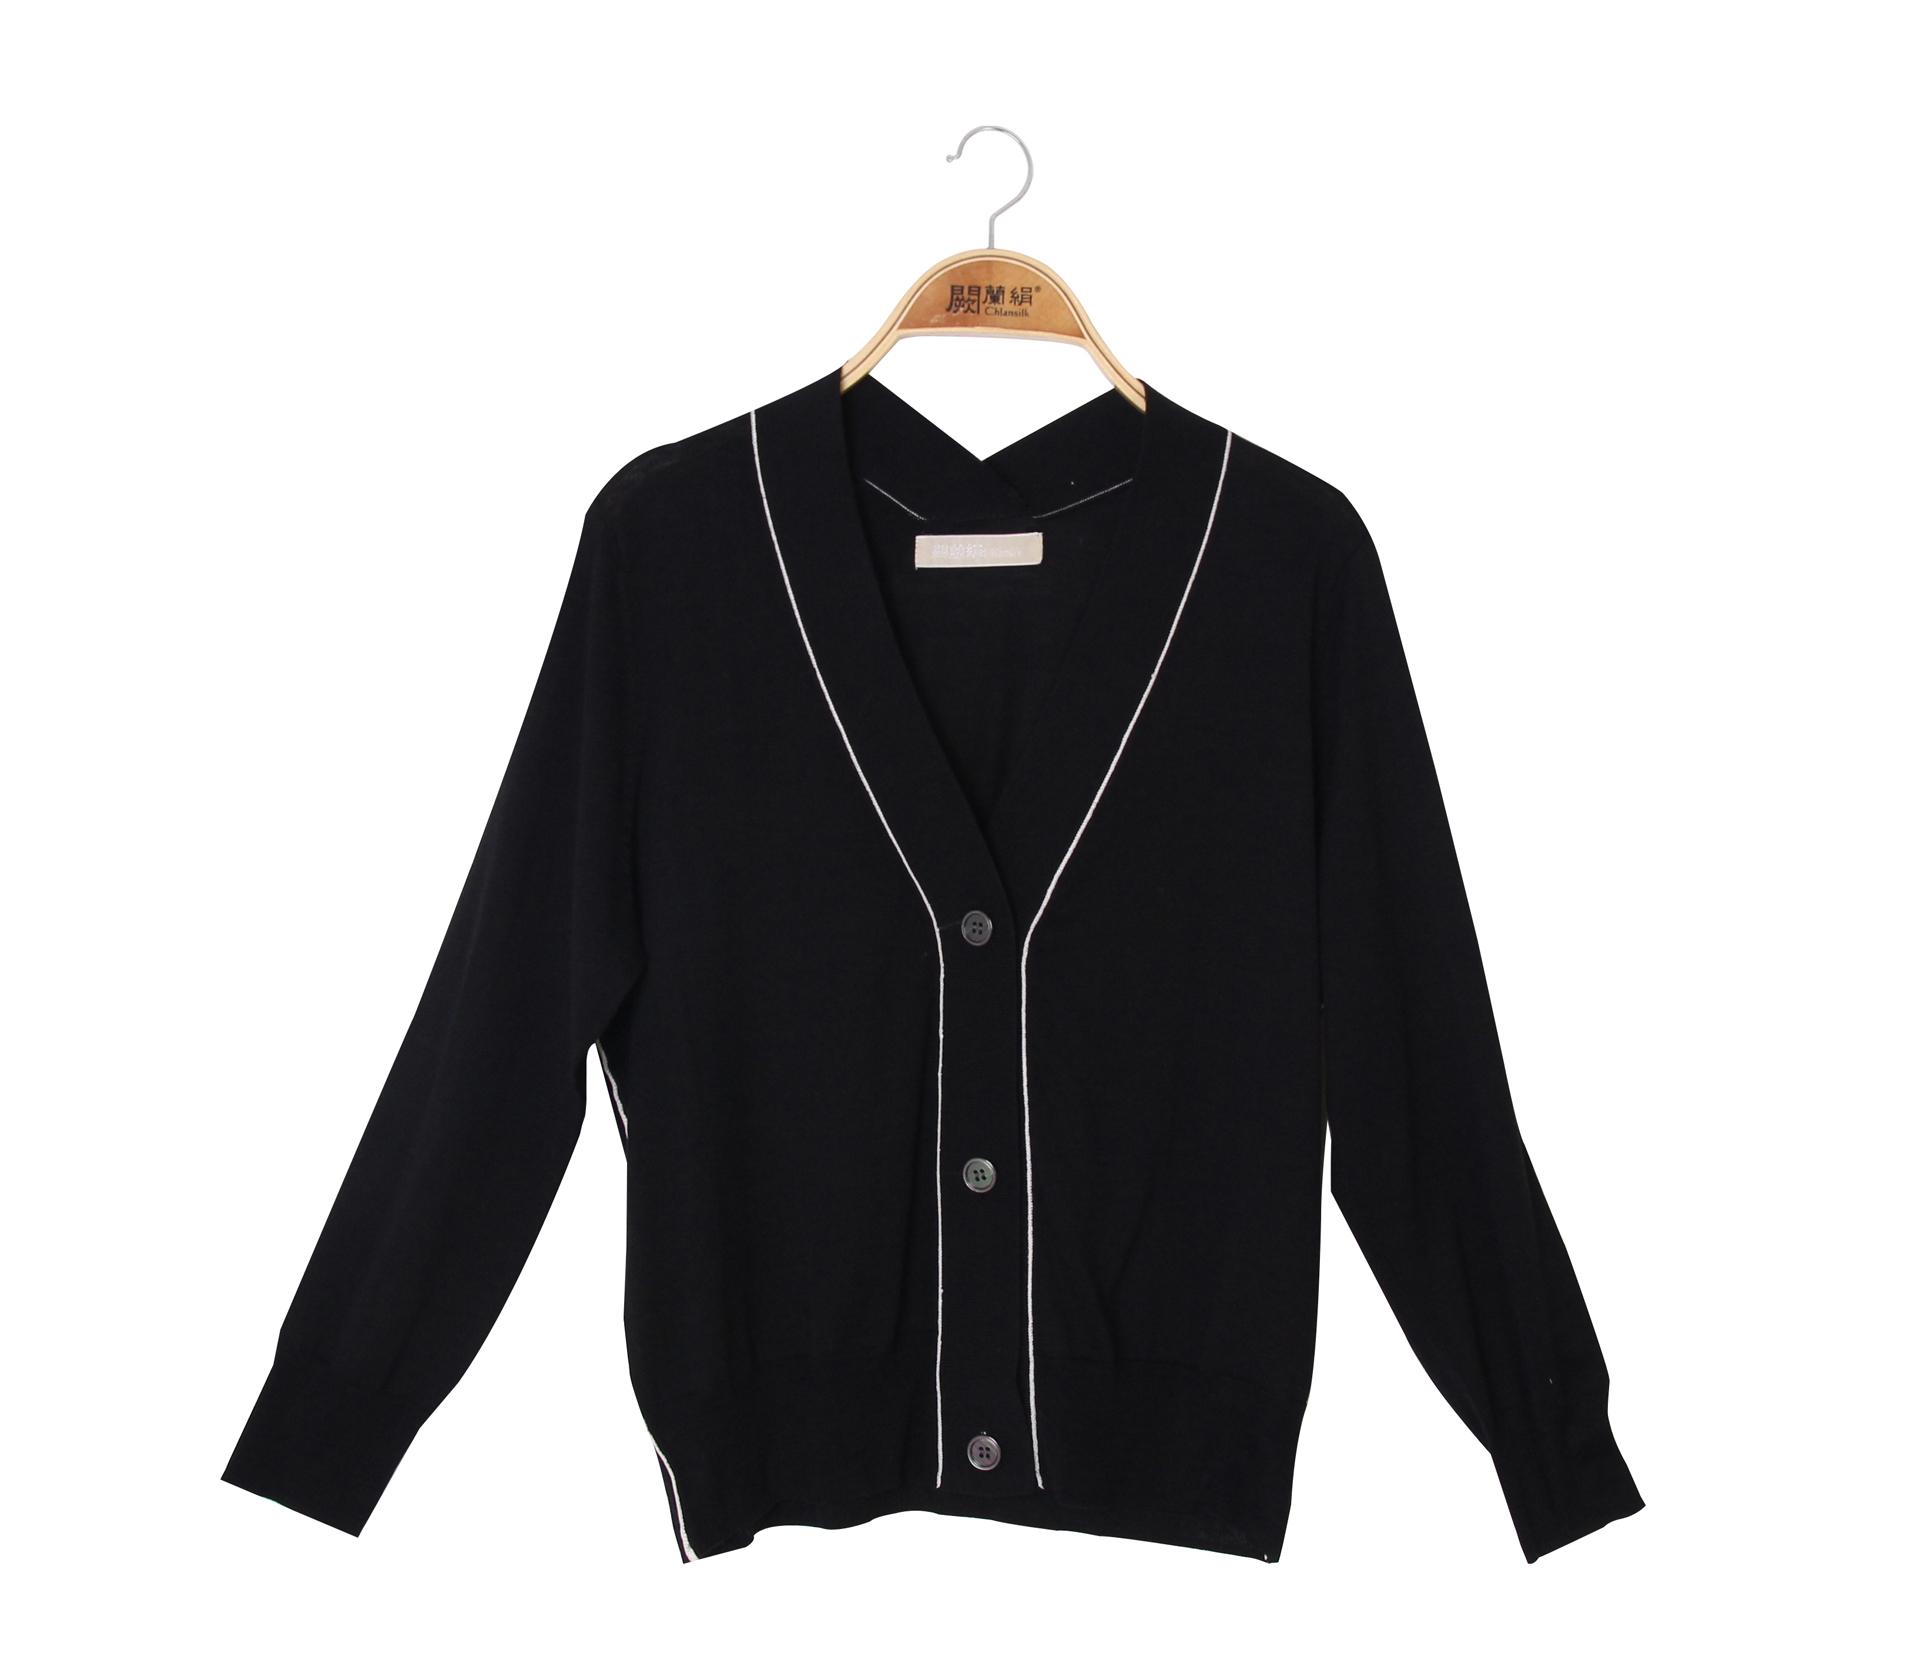 闕蘭絹V領針織100%蠶絲外套 - 黑色 - 6627